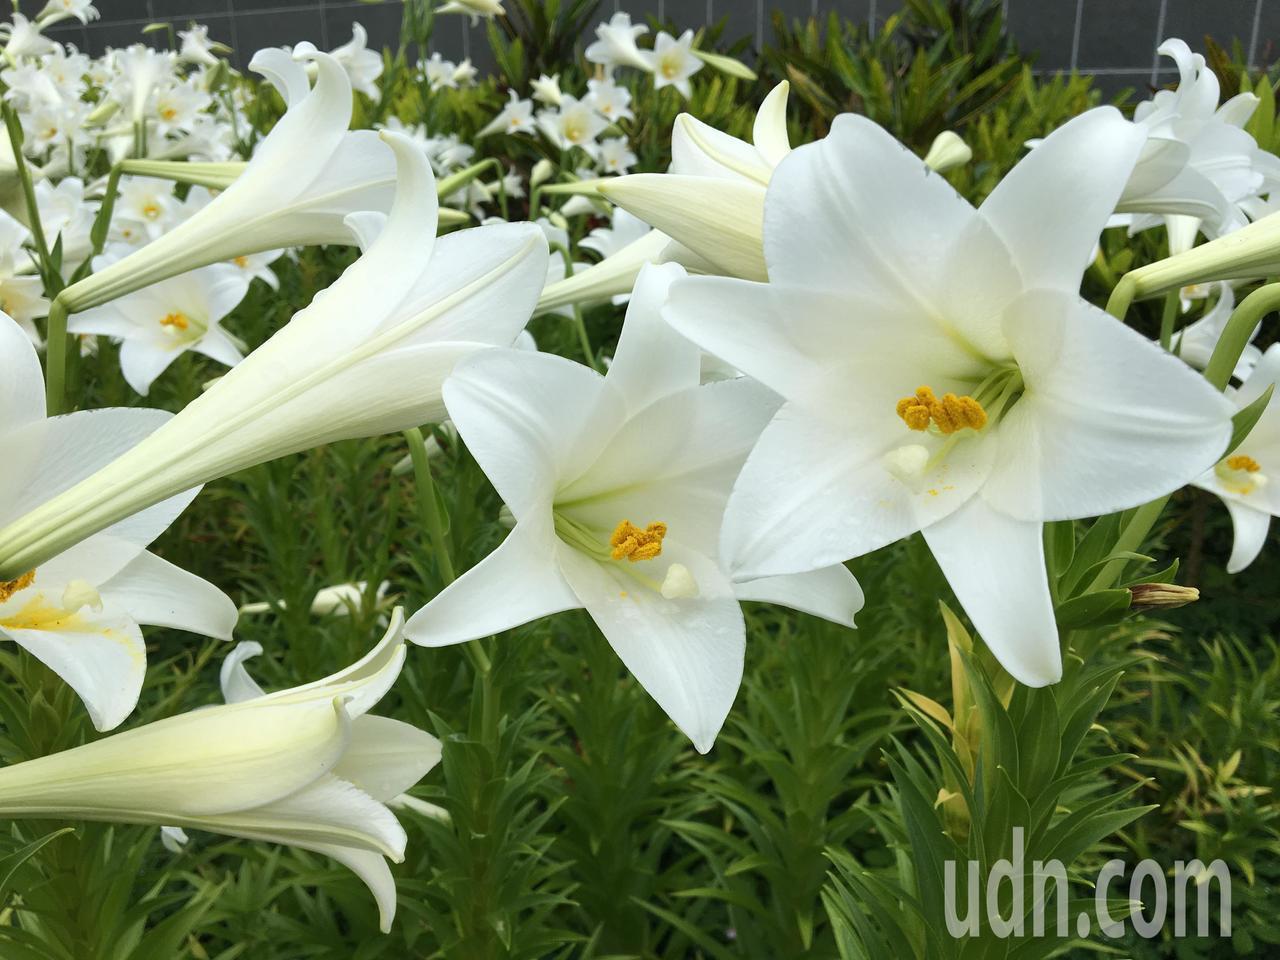 花蓮縣瑞穗鄉秀姑巒溪遊客中心周圍種植上千株鐵炮百合,目前進入花季,一片白色花朵隨...